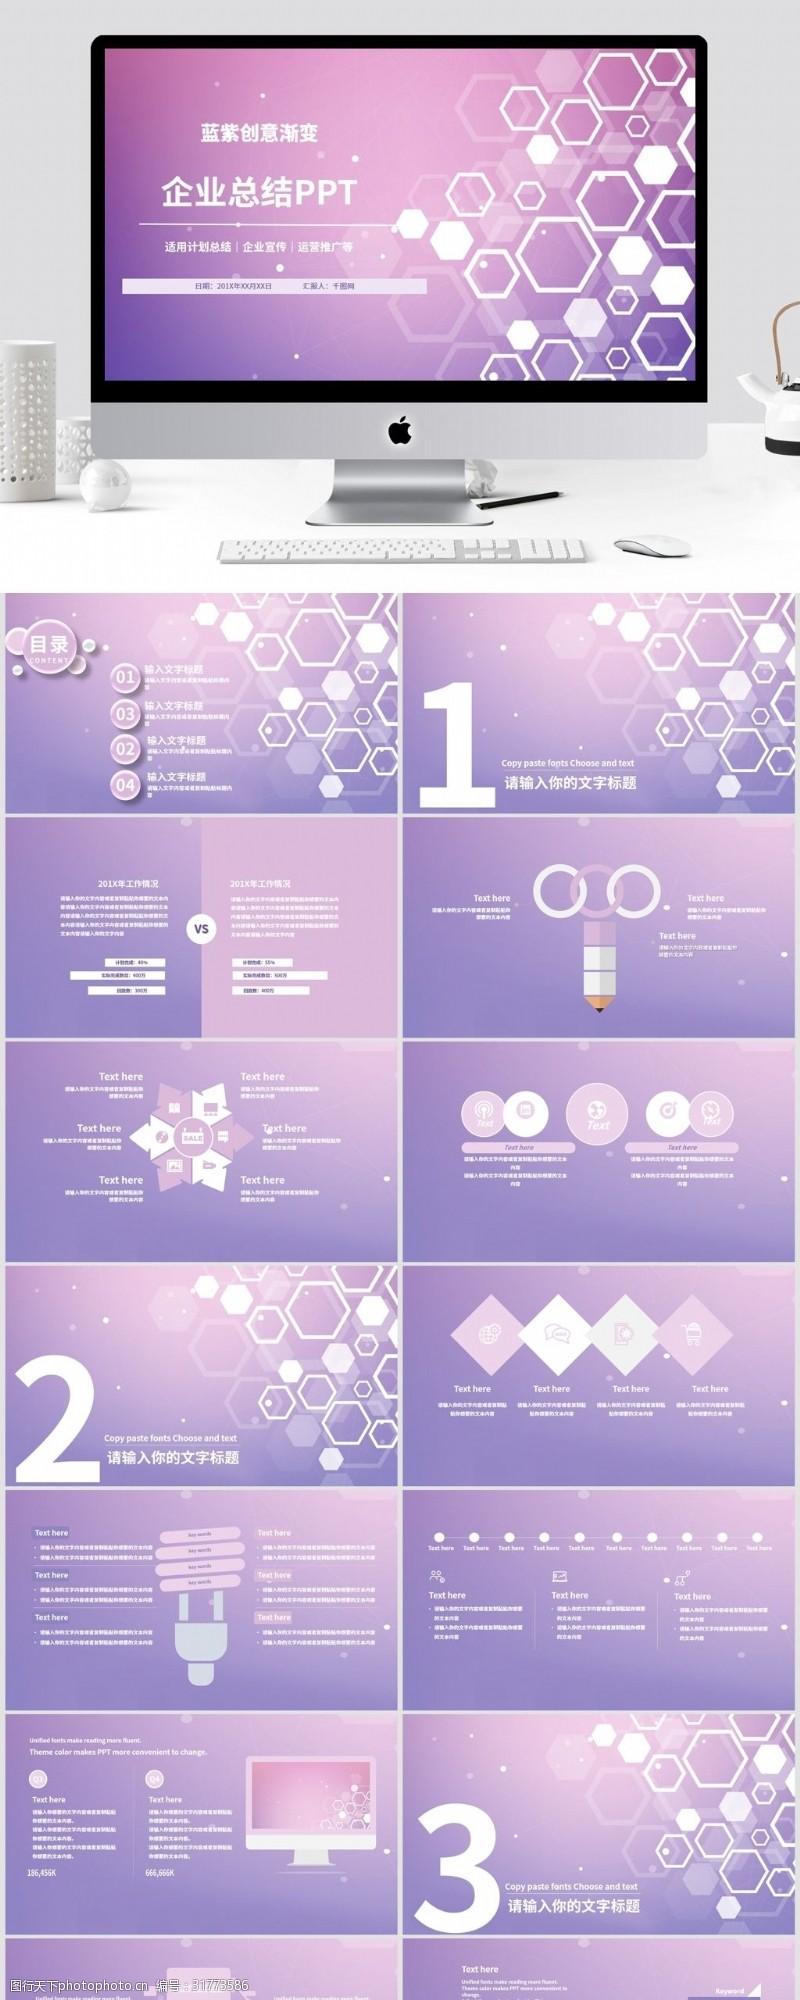 ppt总结模板创意几何企业总结PPT模板